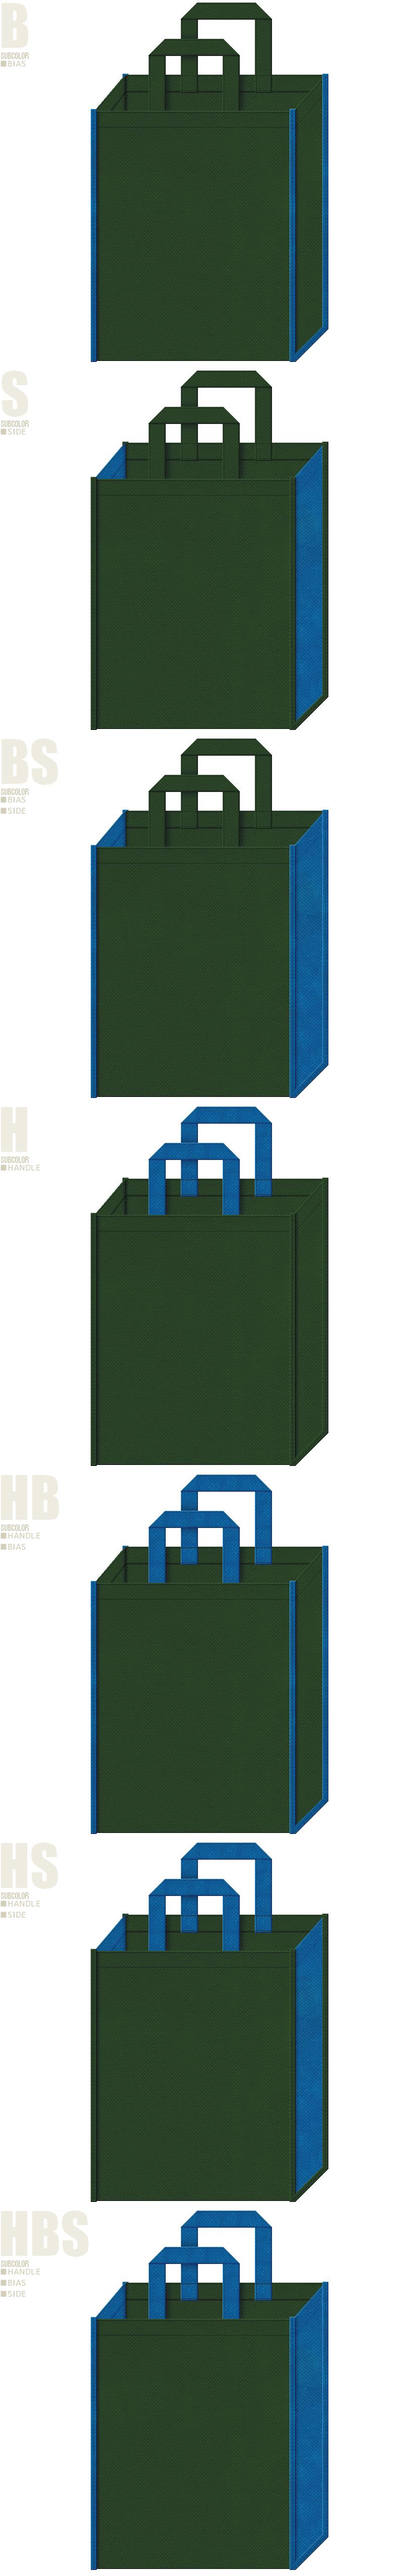 濃緑色と青色、7パターンの不織布トートバッグ配色デザイン例。